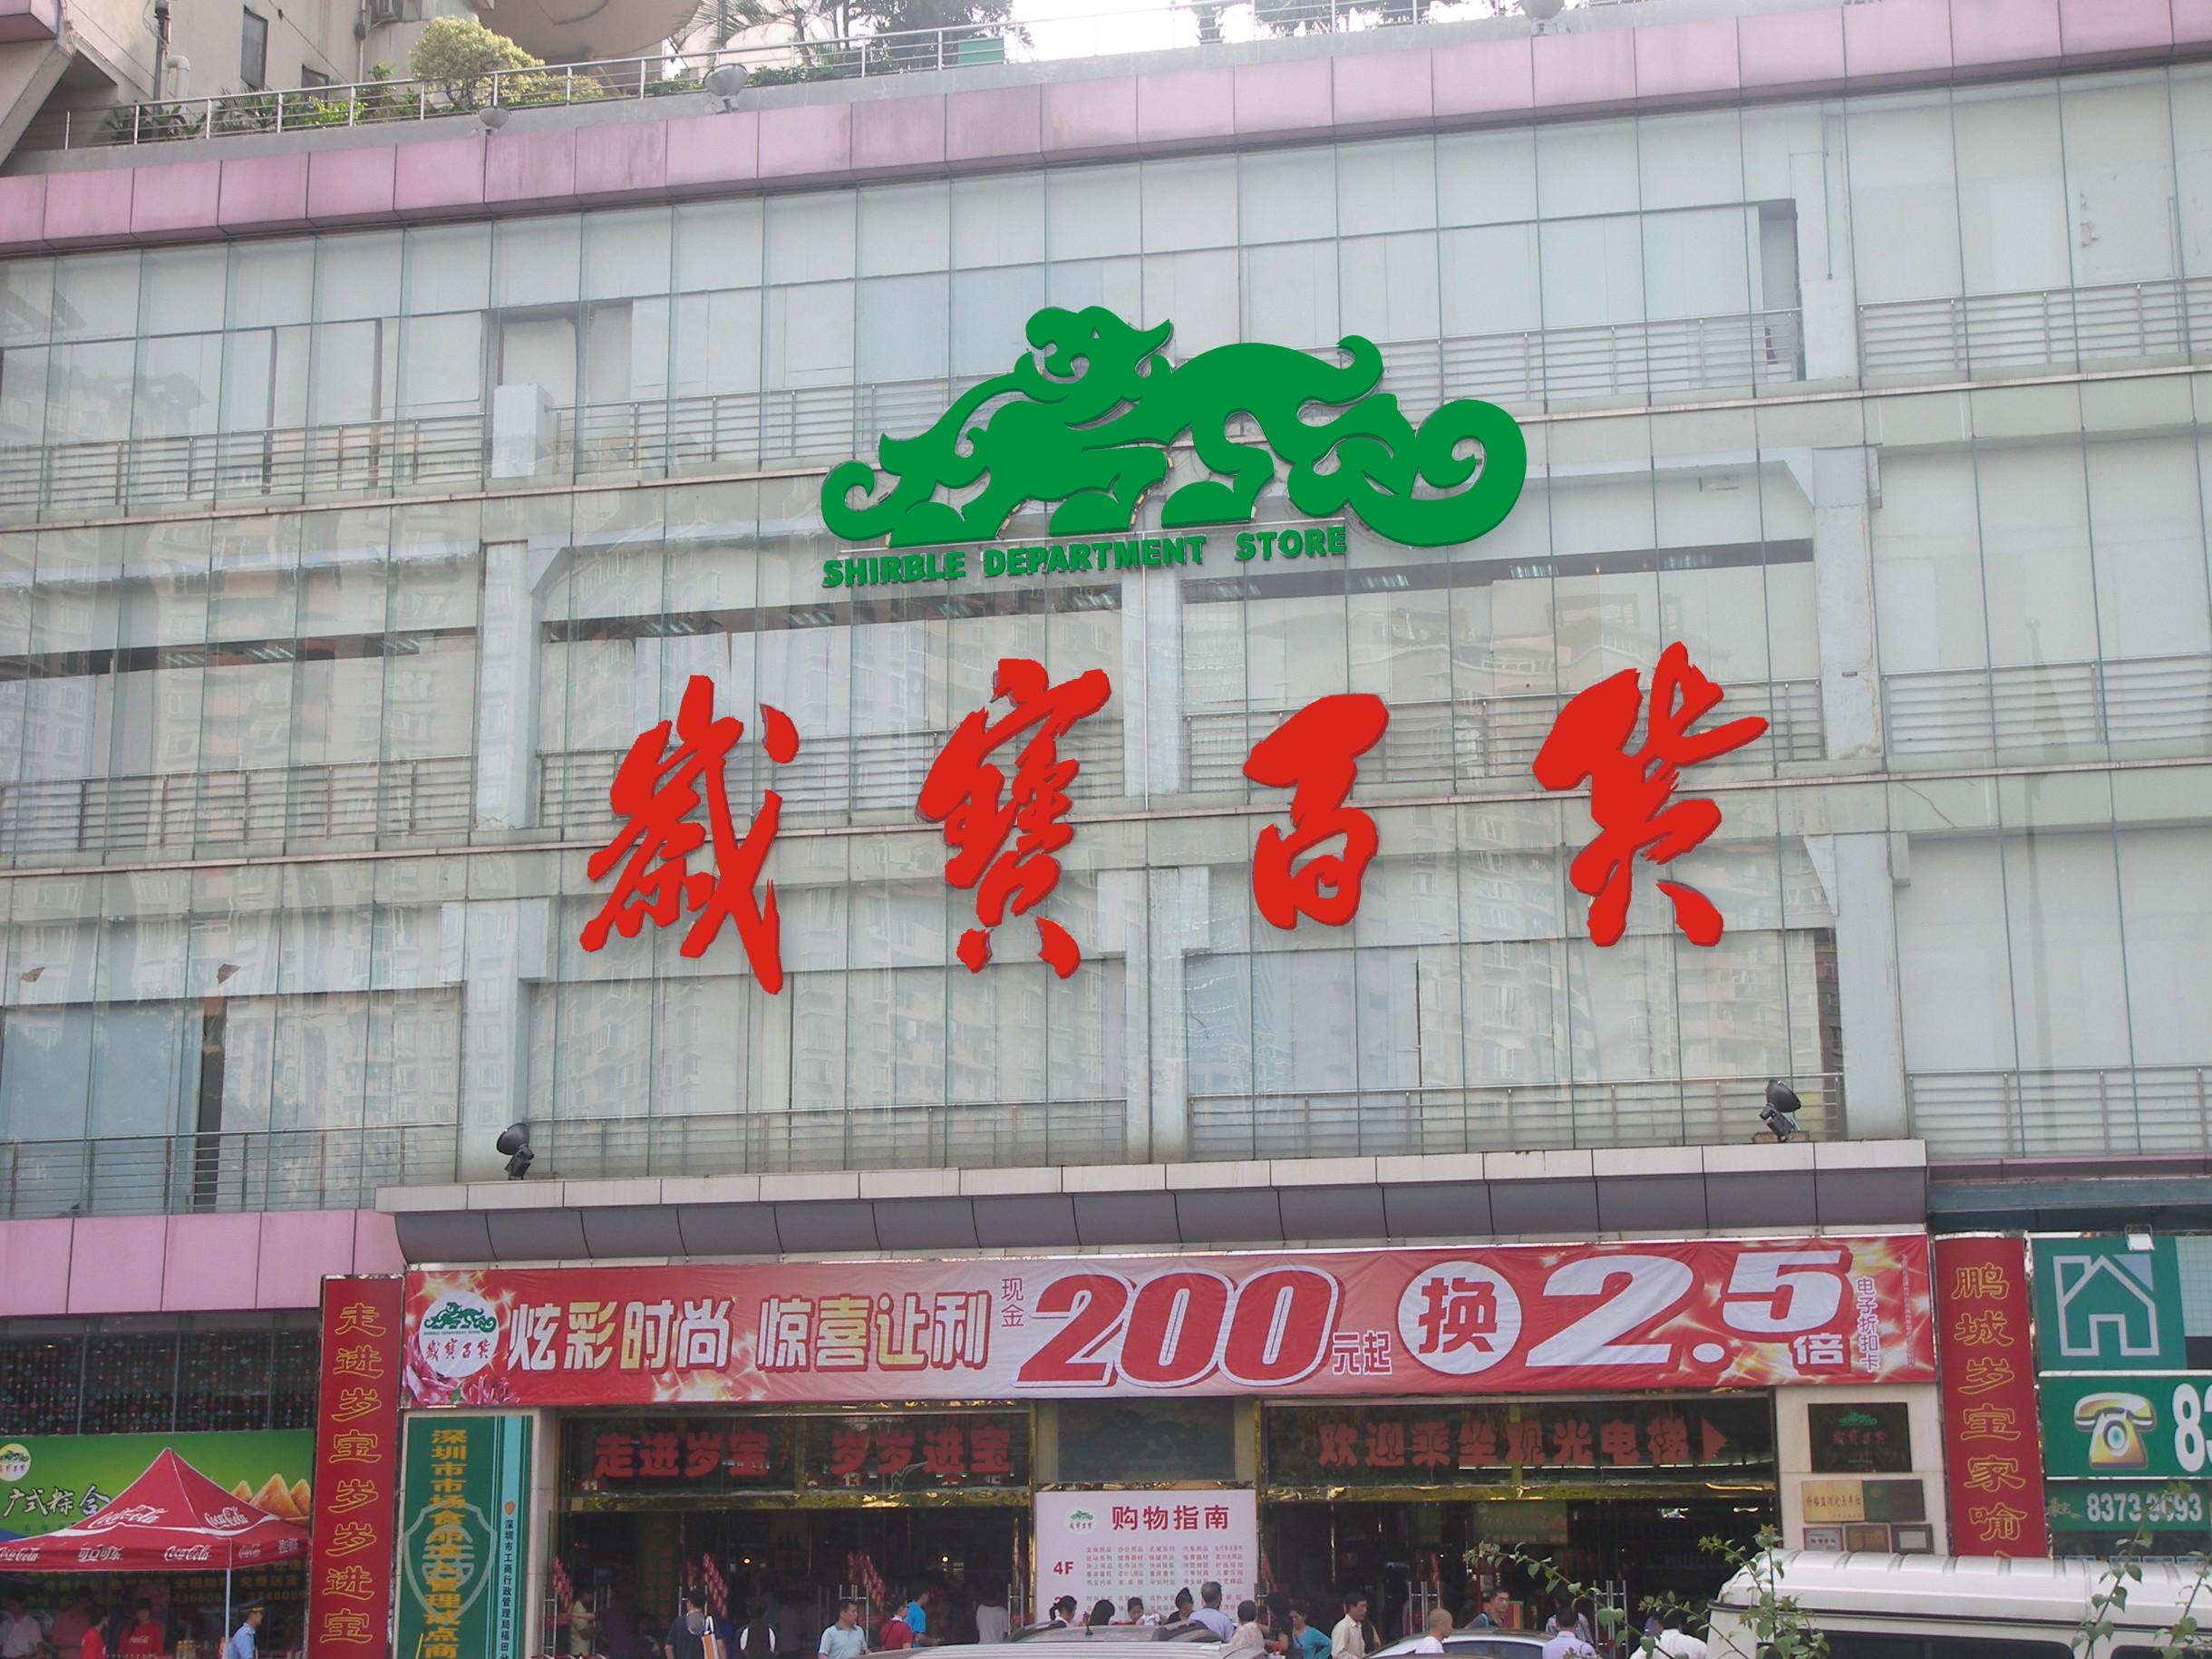 Sui Bao Store